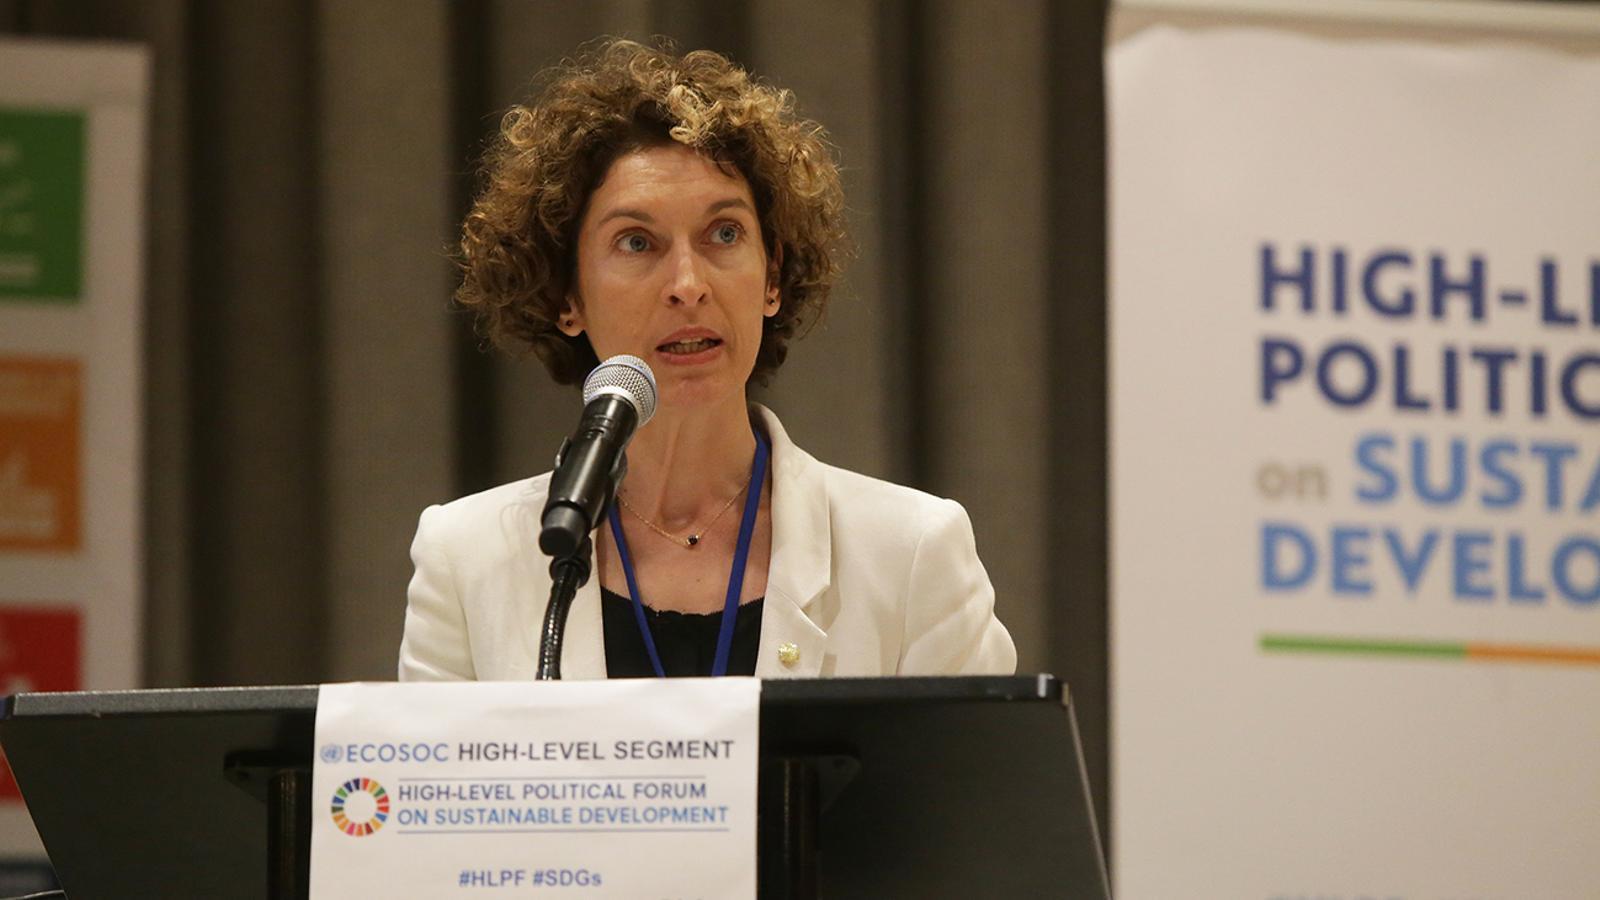 Les constribucions voluntàries al Consell d'Europa i a la Unesco han estat una proposta de la ministra d'Afers Exteriors, Maria Ubach. / SFG